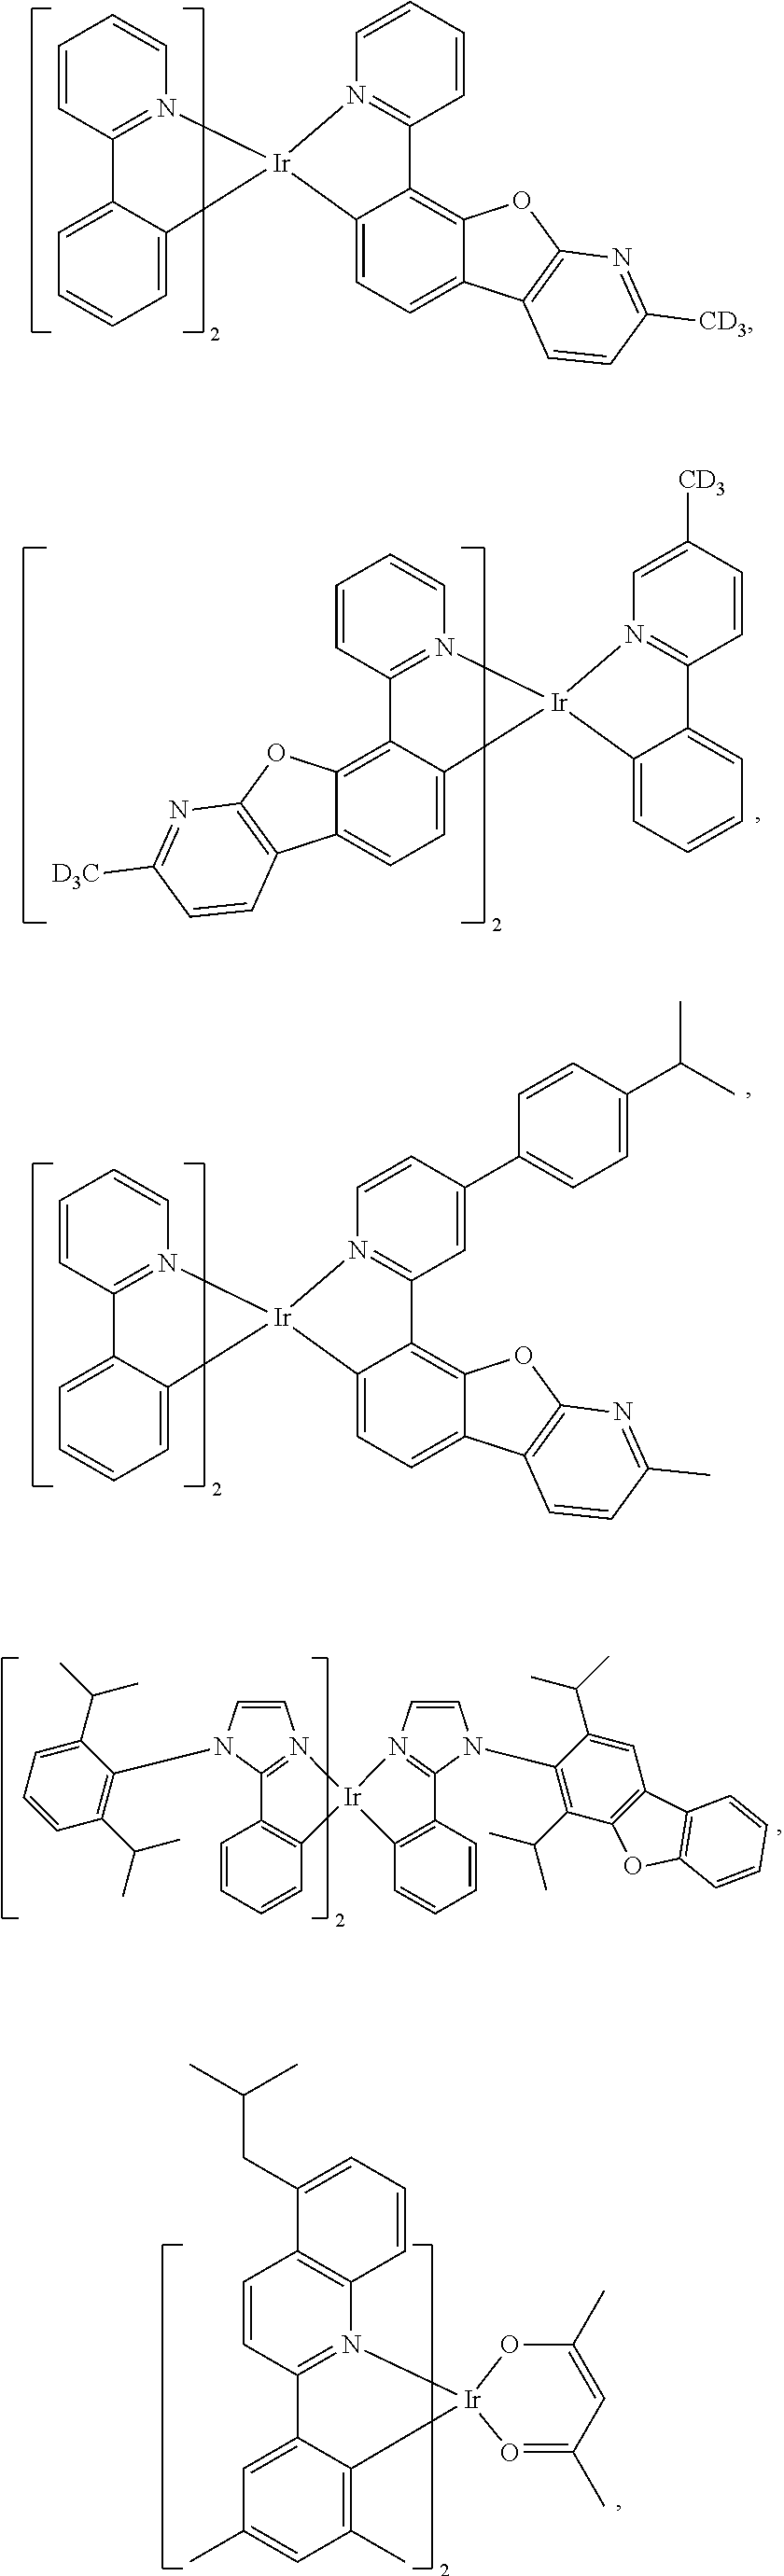 Figure US20190161504A1-20190530-C00070